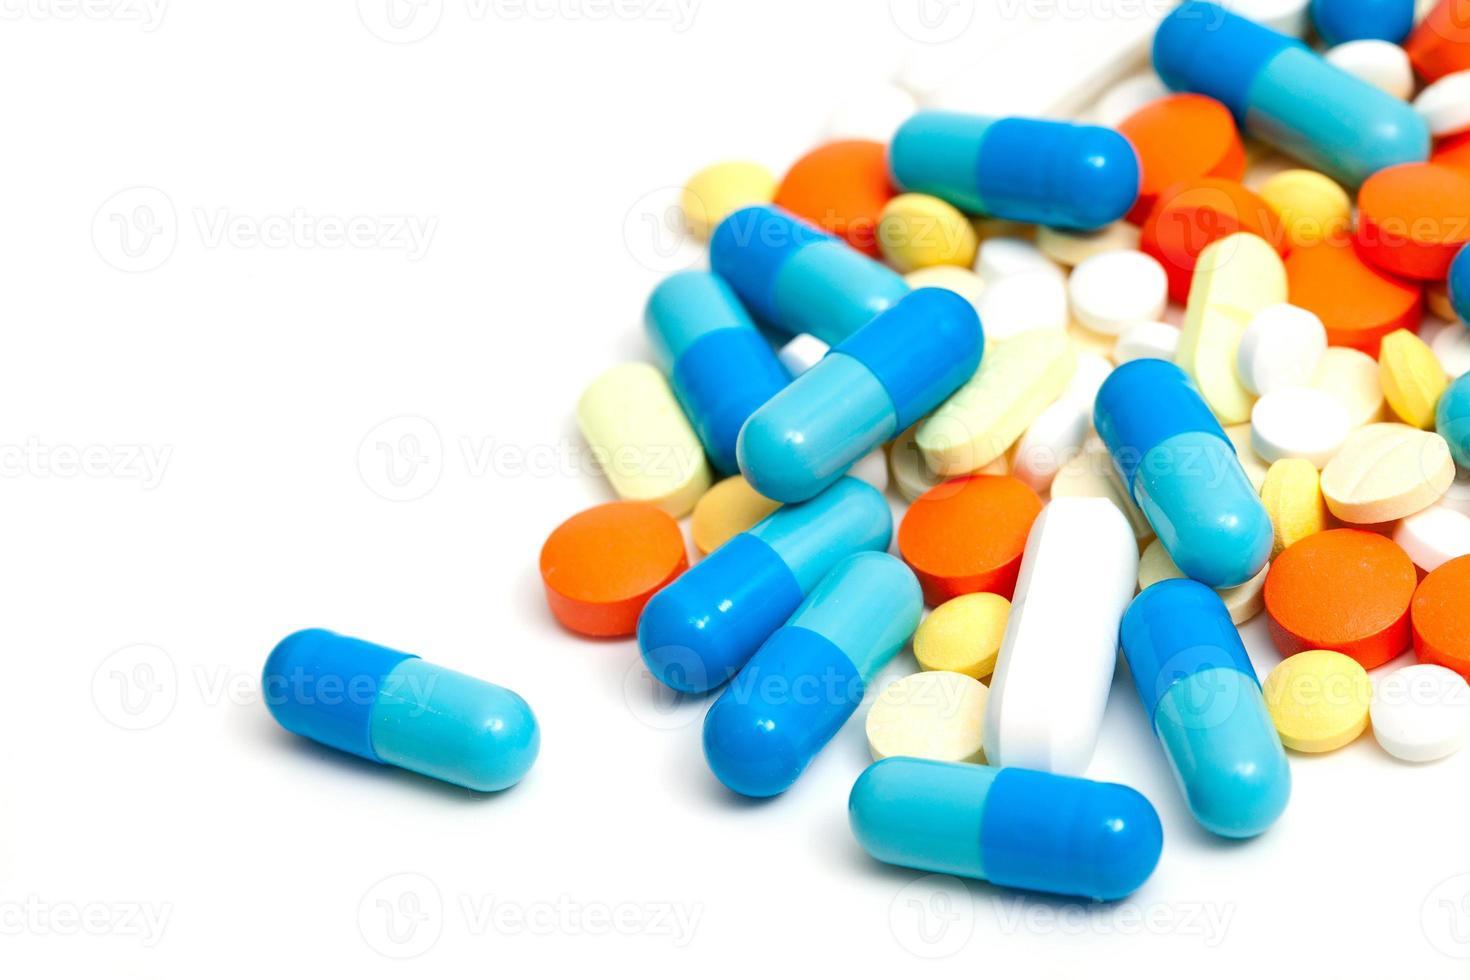 pílulas coloridas em fundo branco foto